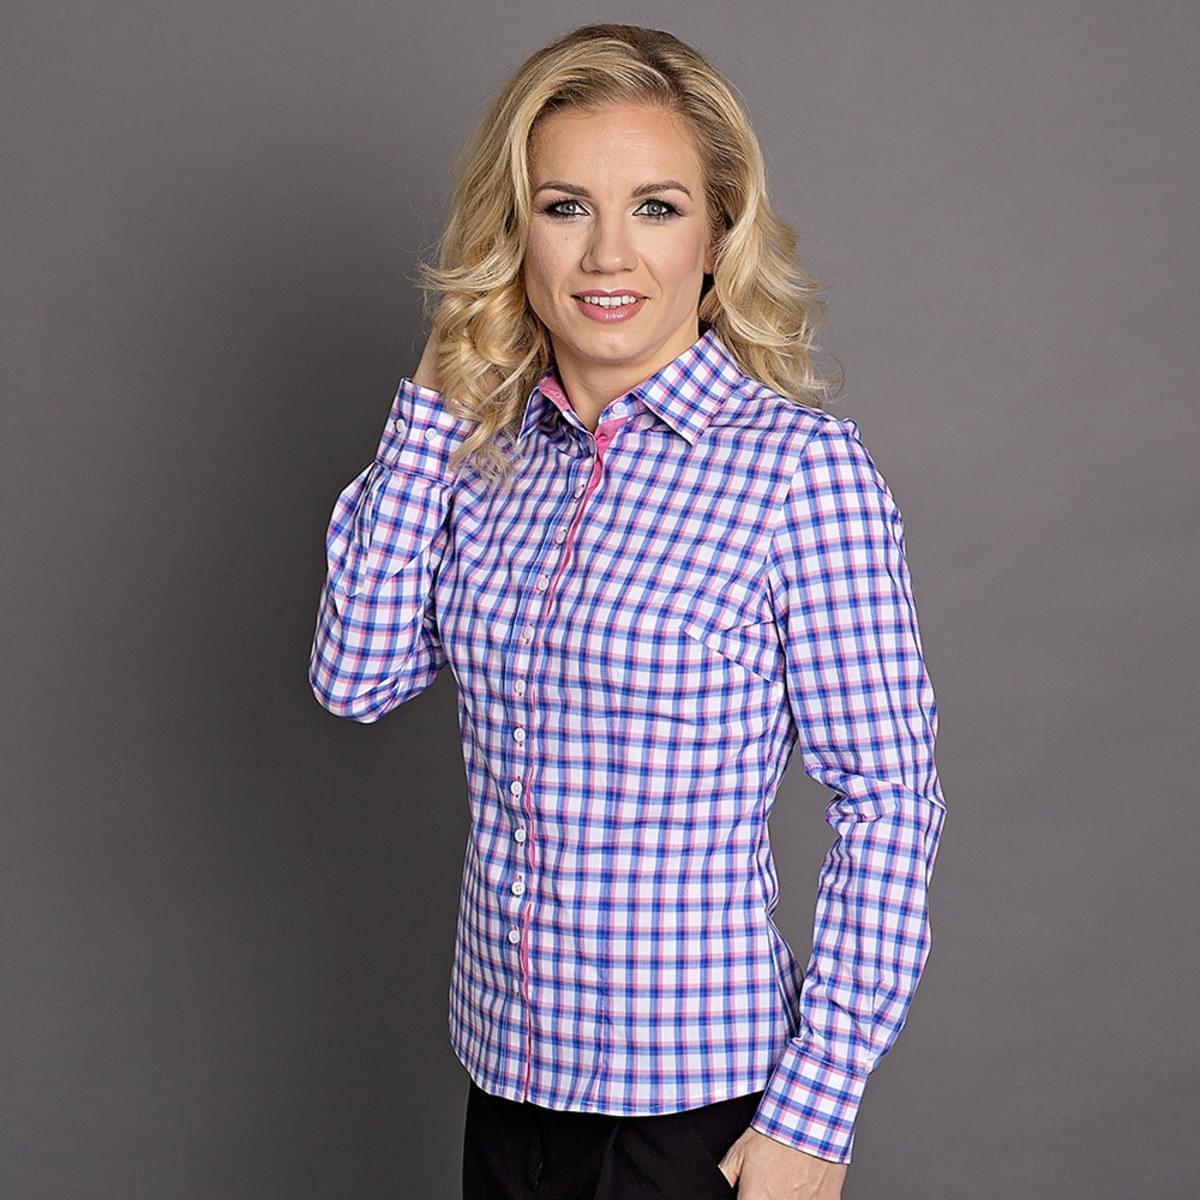 Dámská košile Willsoor 6174 v bílé barvě s kostkou v růžové a modré barvě 40